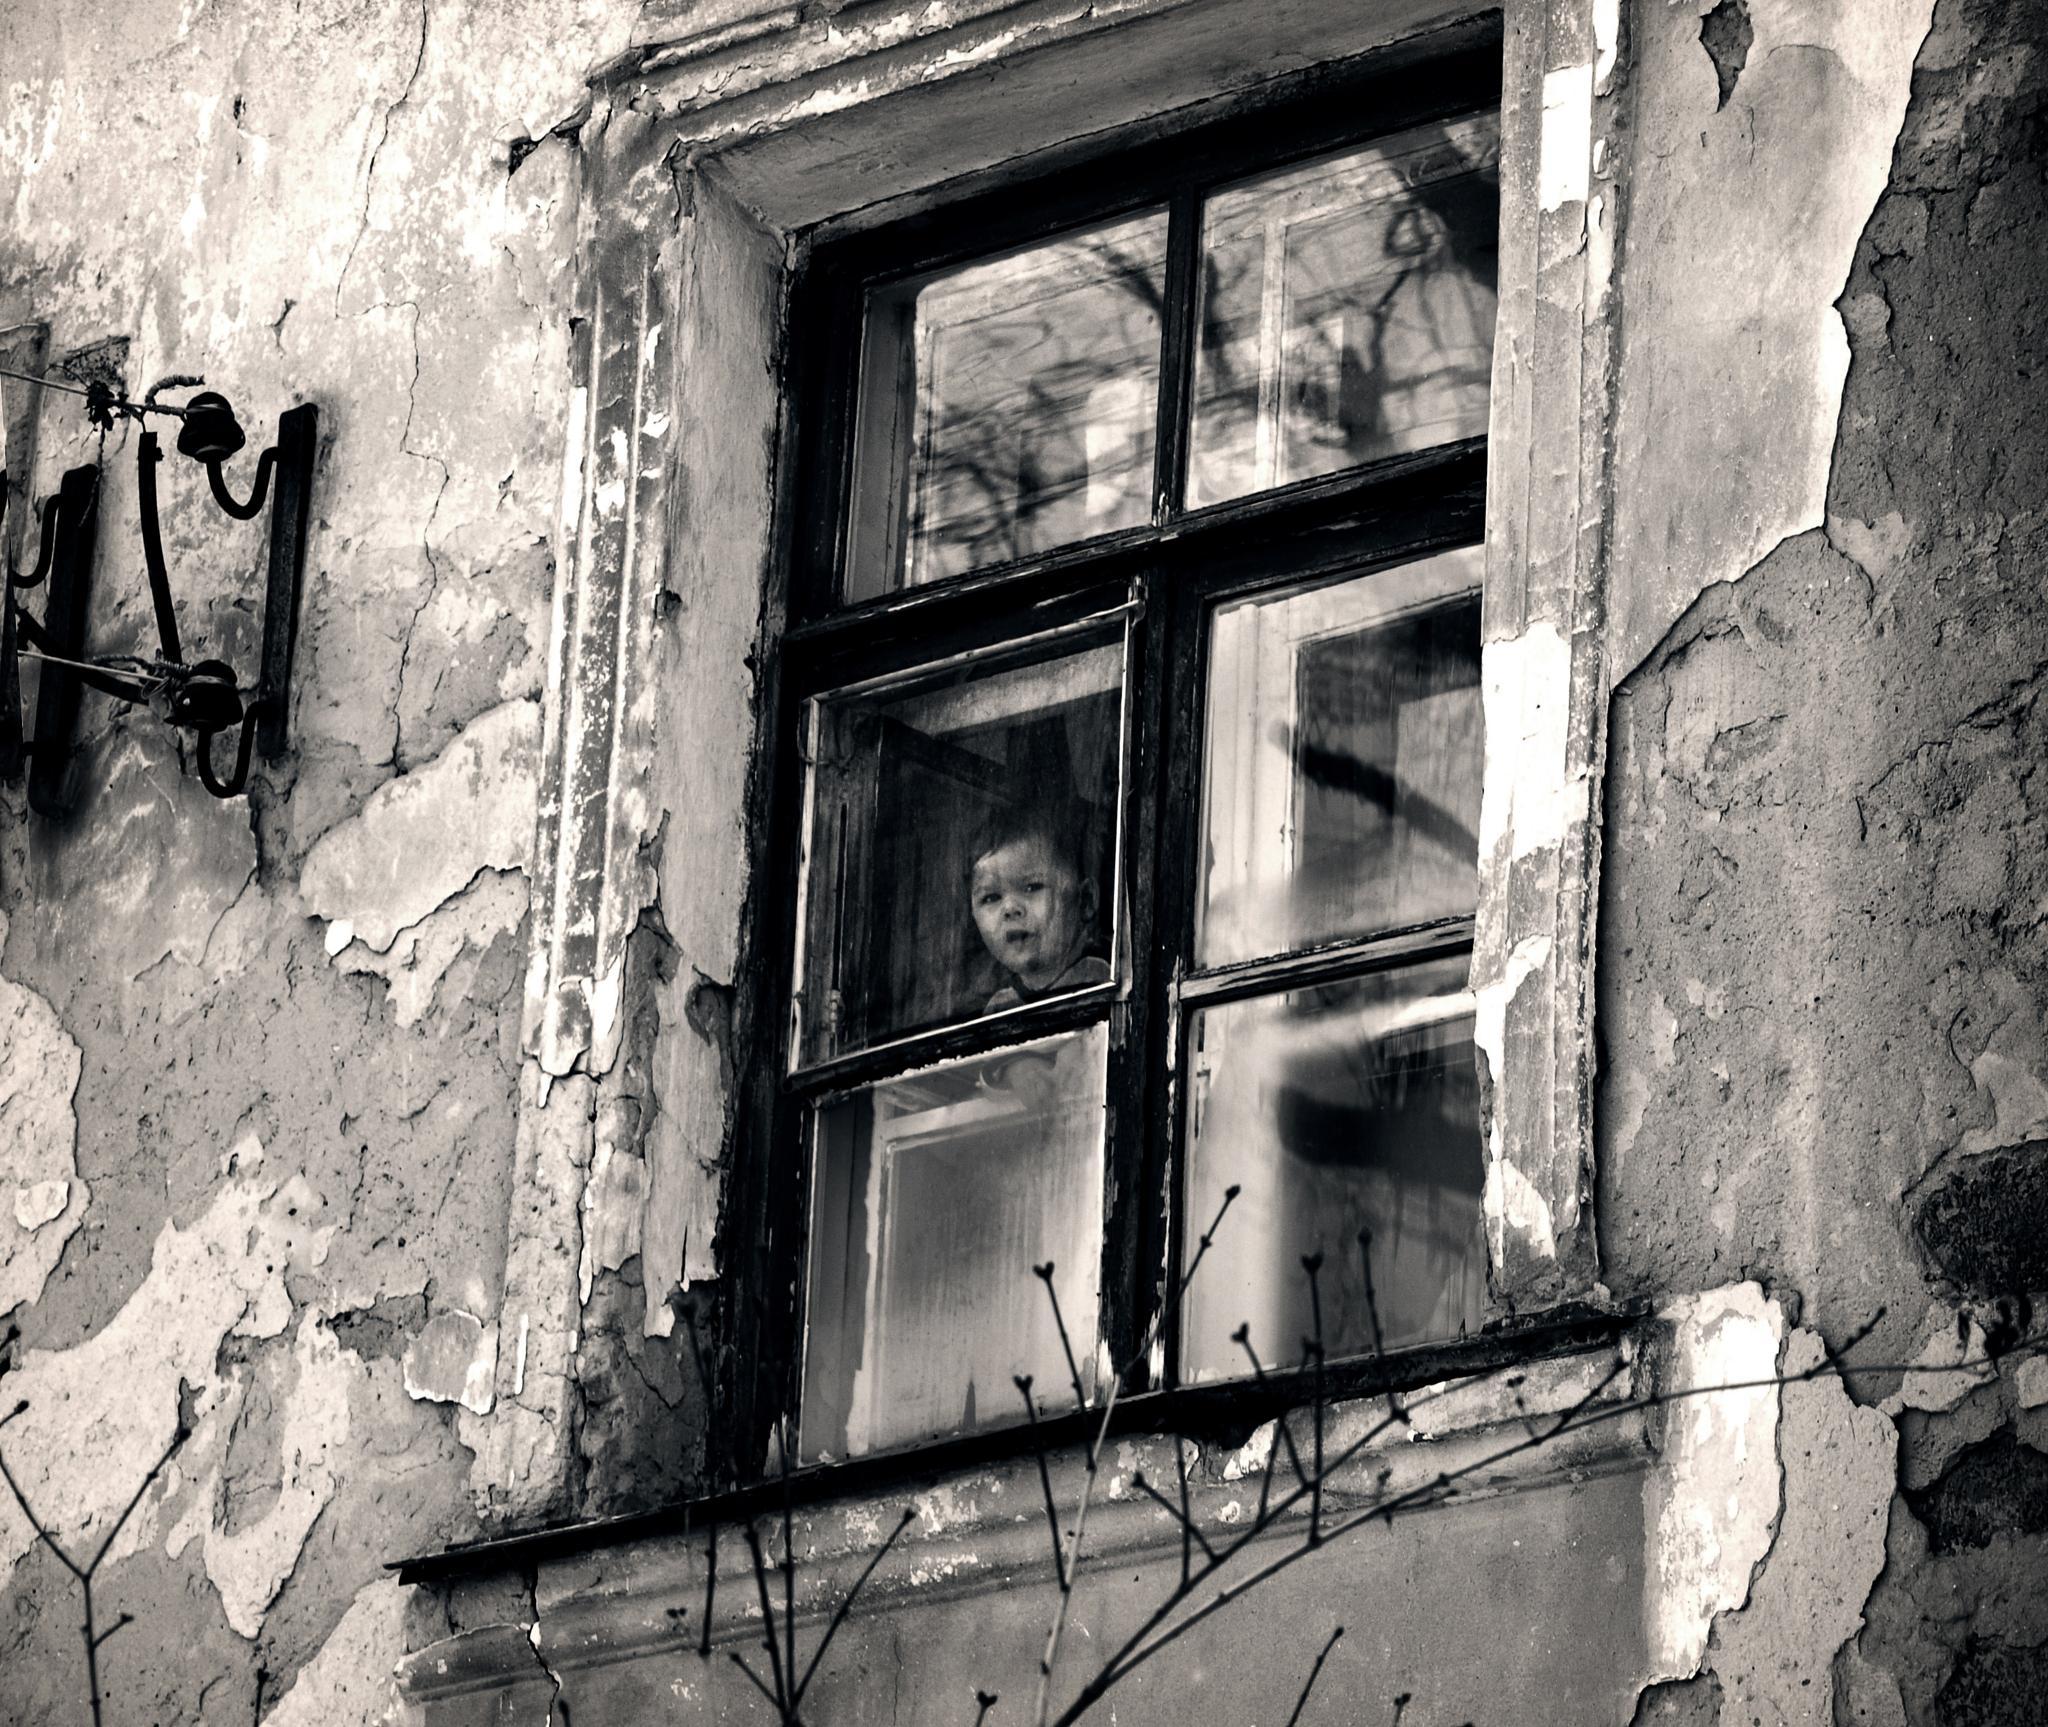 Outskirts by Сергей Юрьев